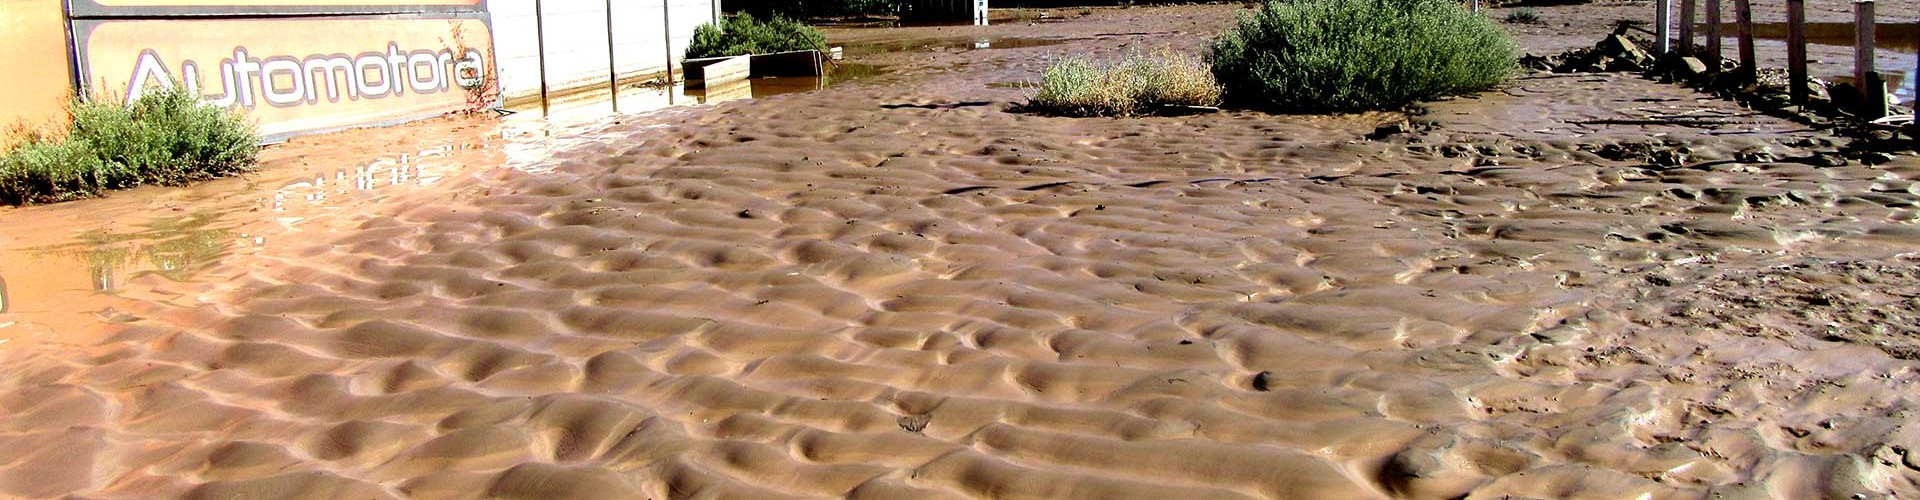 Catastrophic floods in the Atacama Desert (Credit: Manu Abad via Imaggeo)